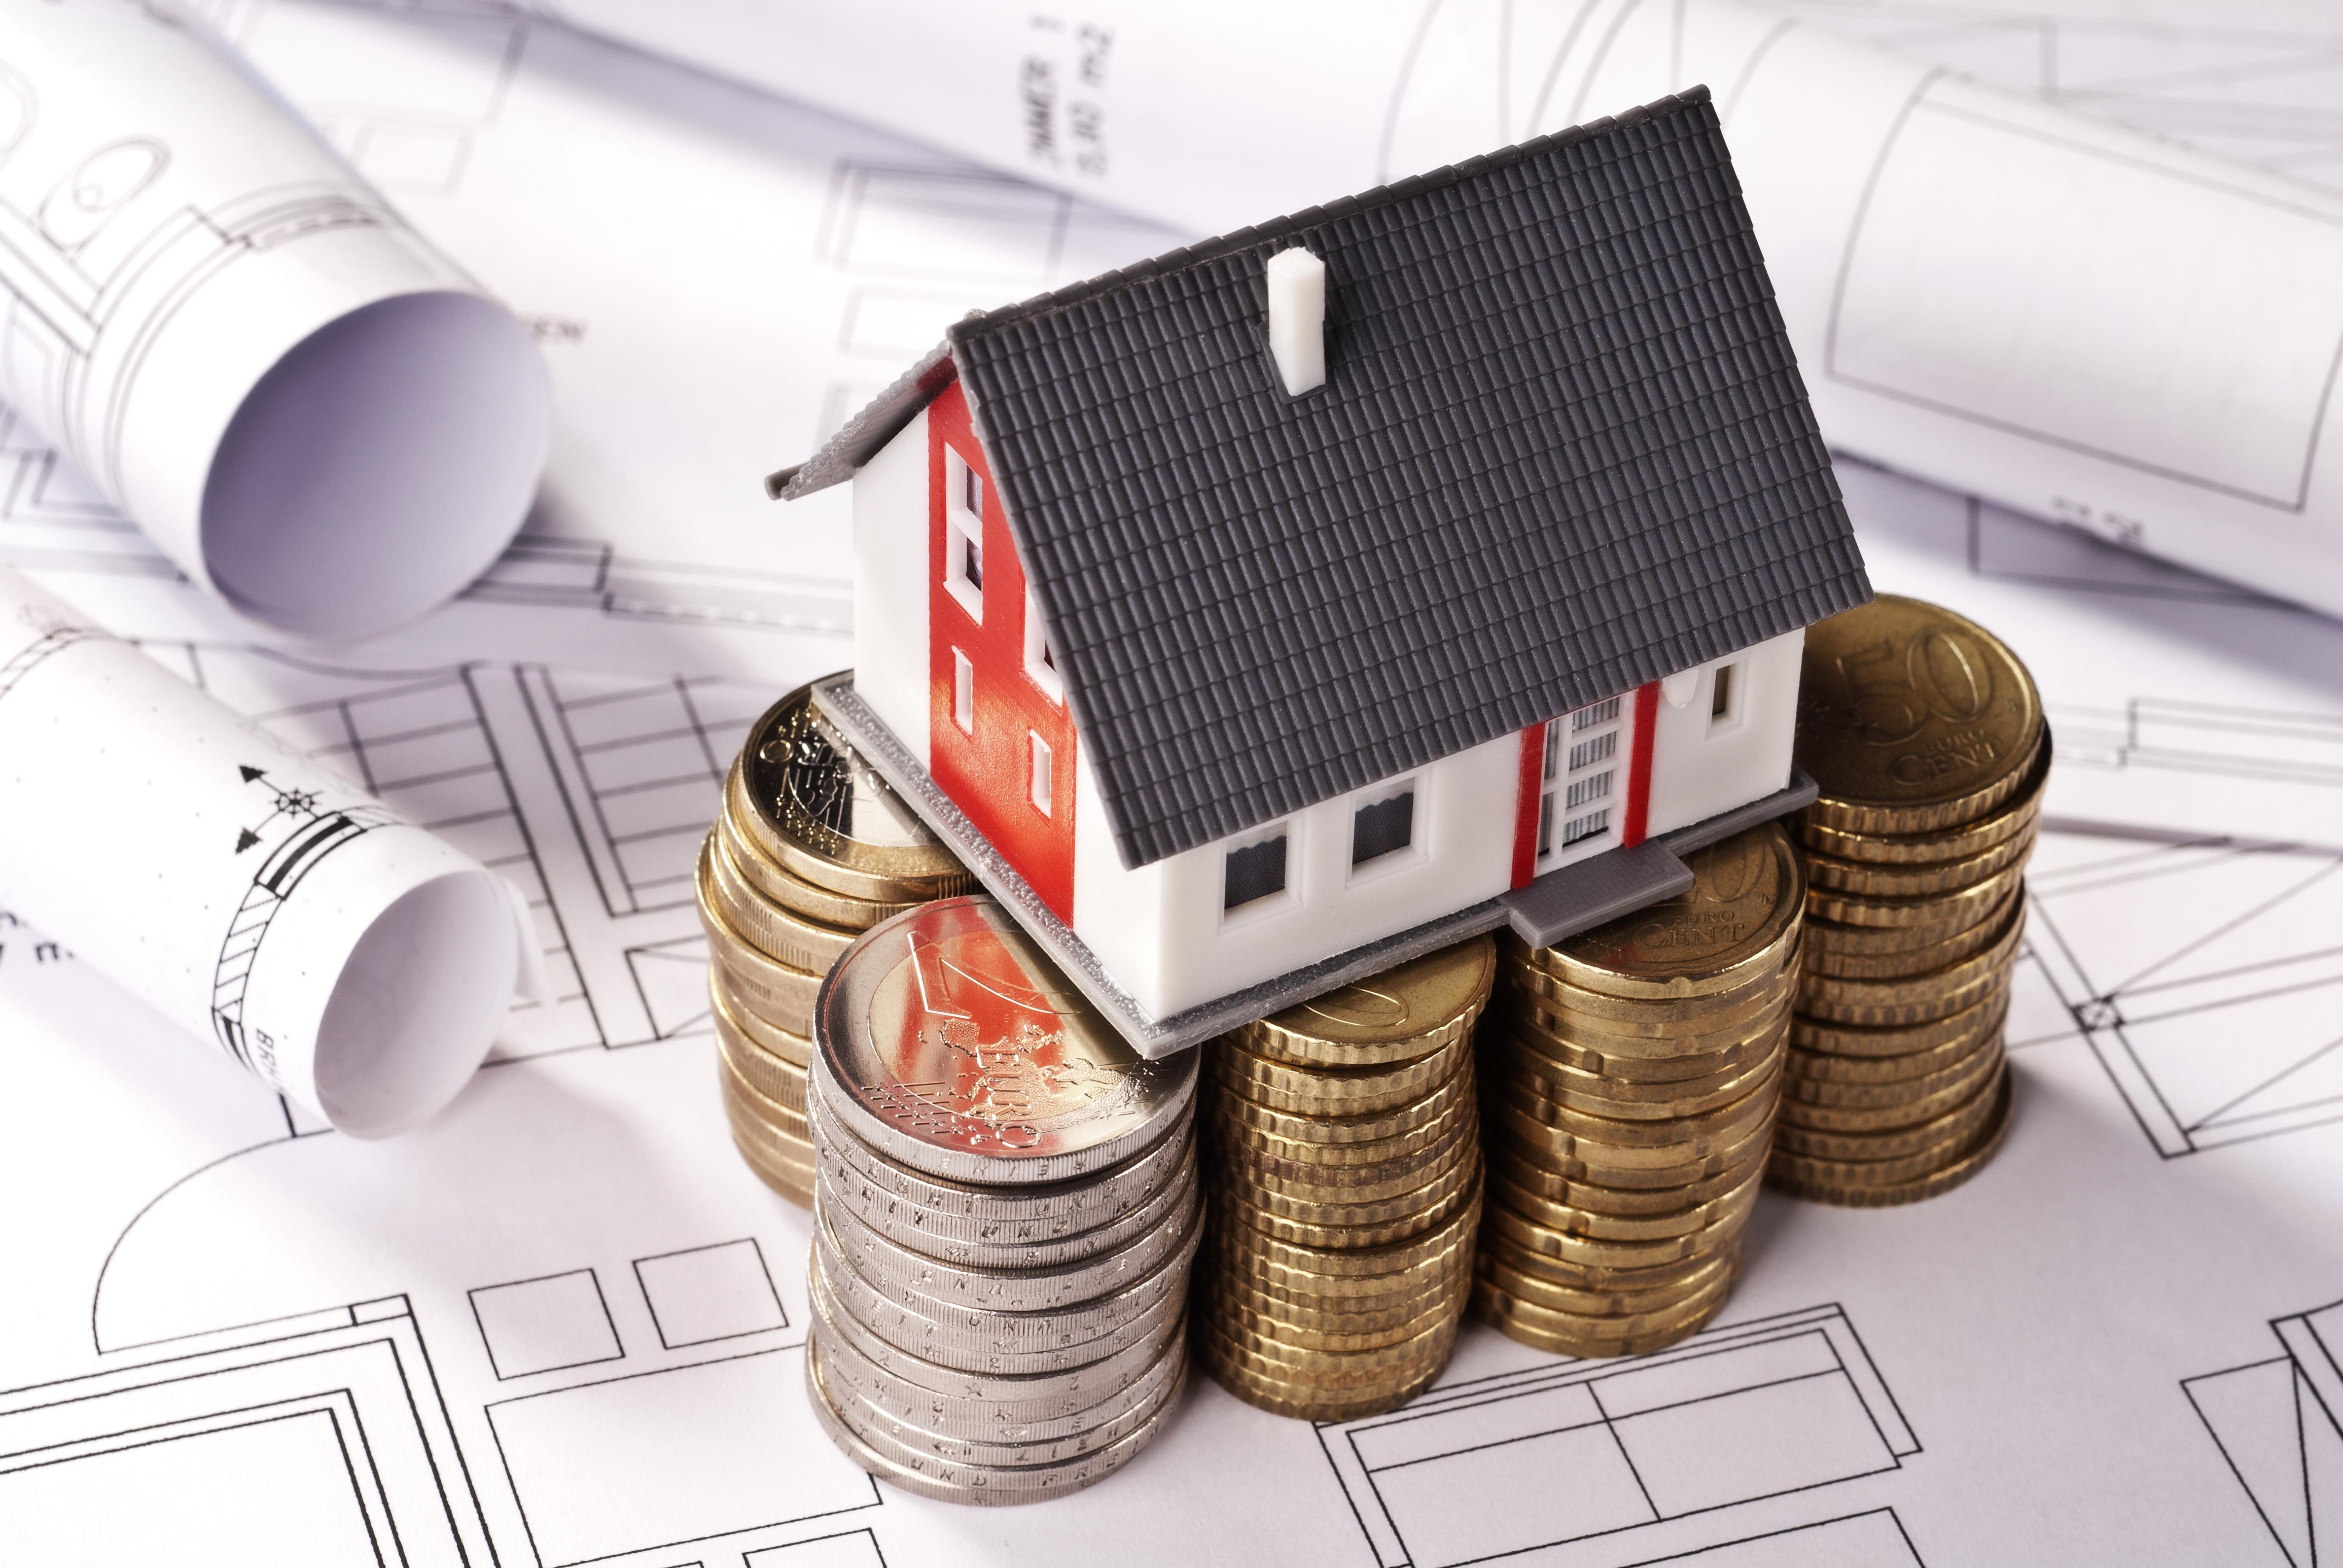 hausbau kosten was kostet ein haus wohnen bauen immobilien. Black Bedroom Furniture Sets. Home Design Ideas